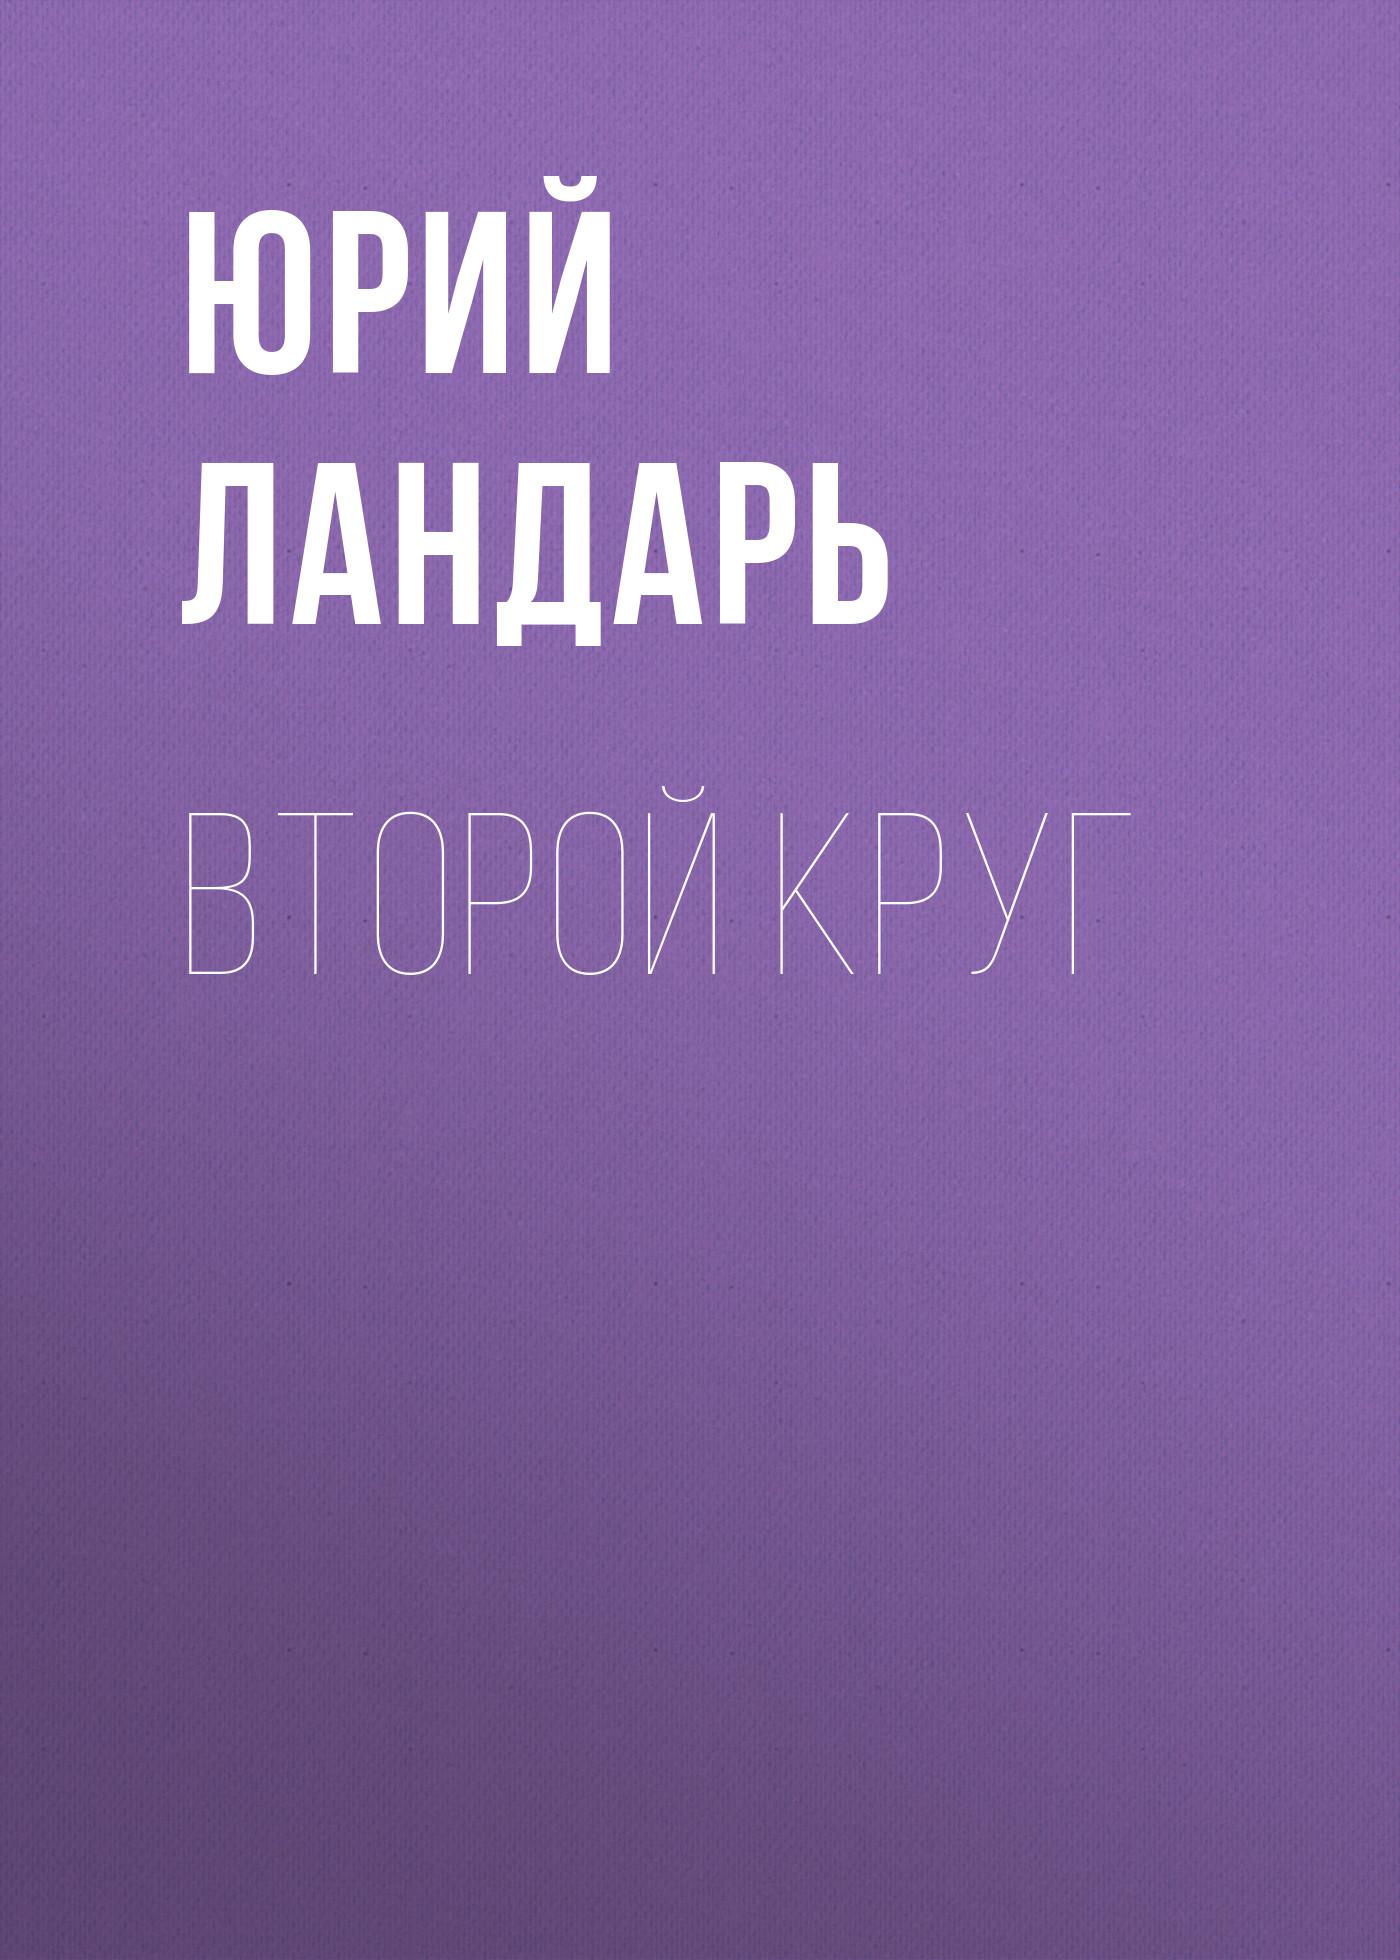 Купить книгу Второй круг, автора Юрия Ландаря